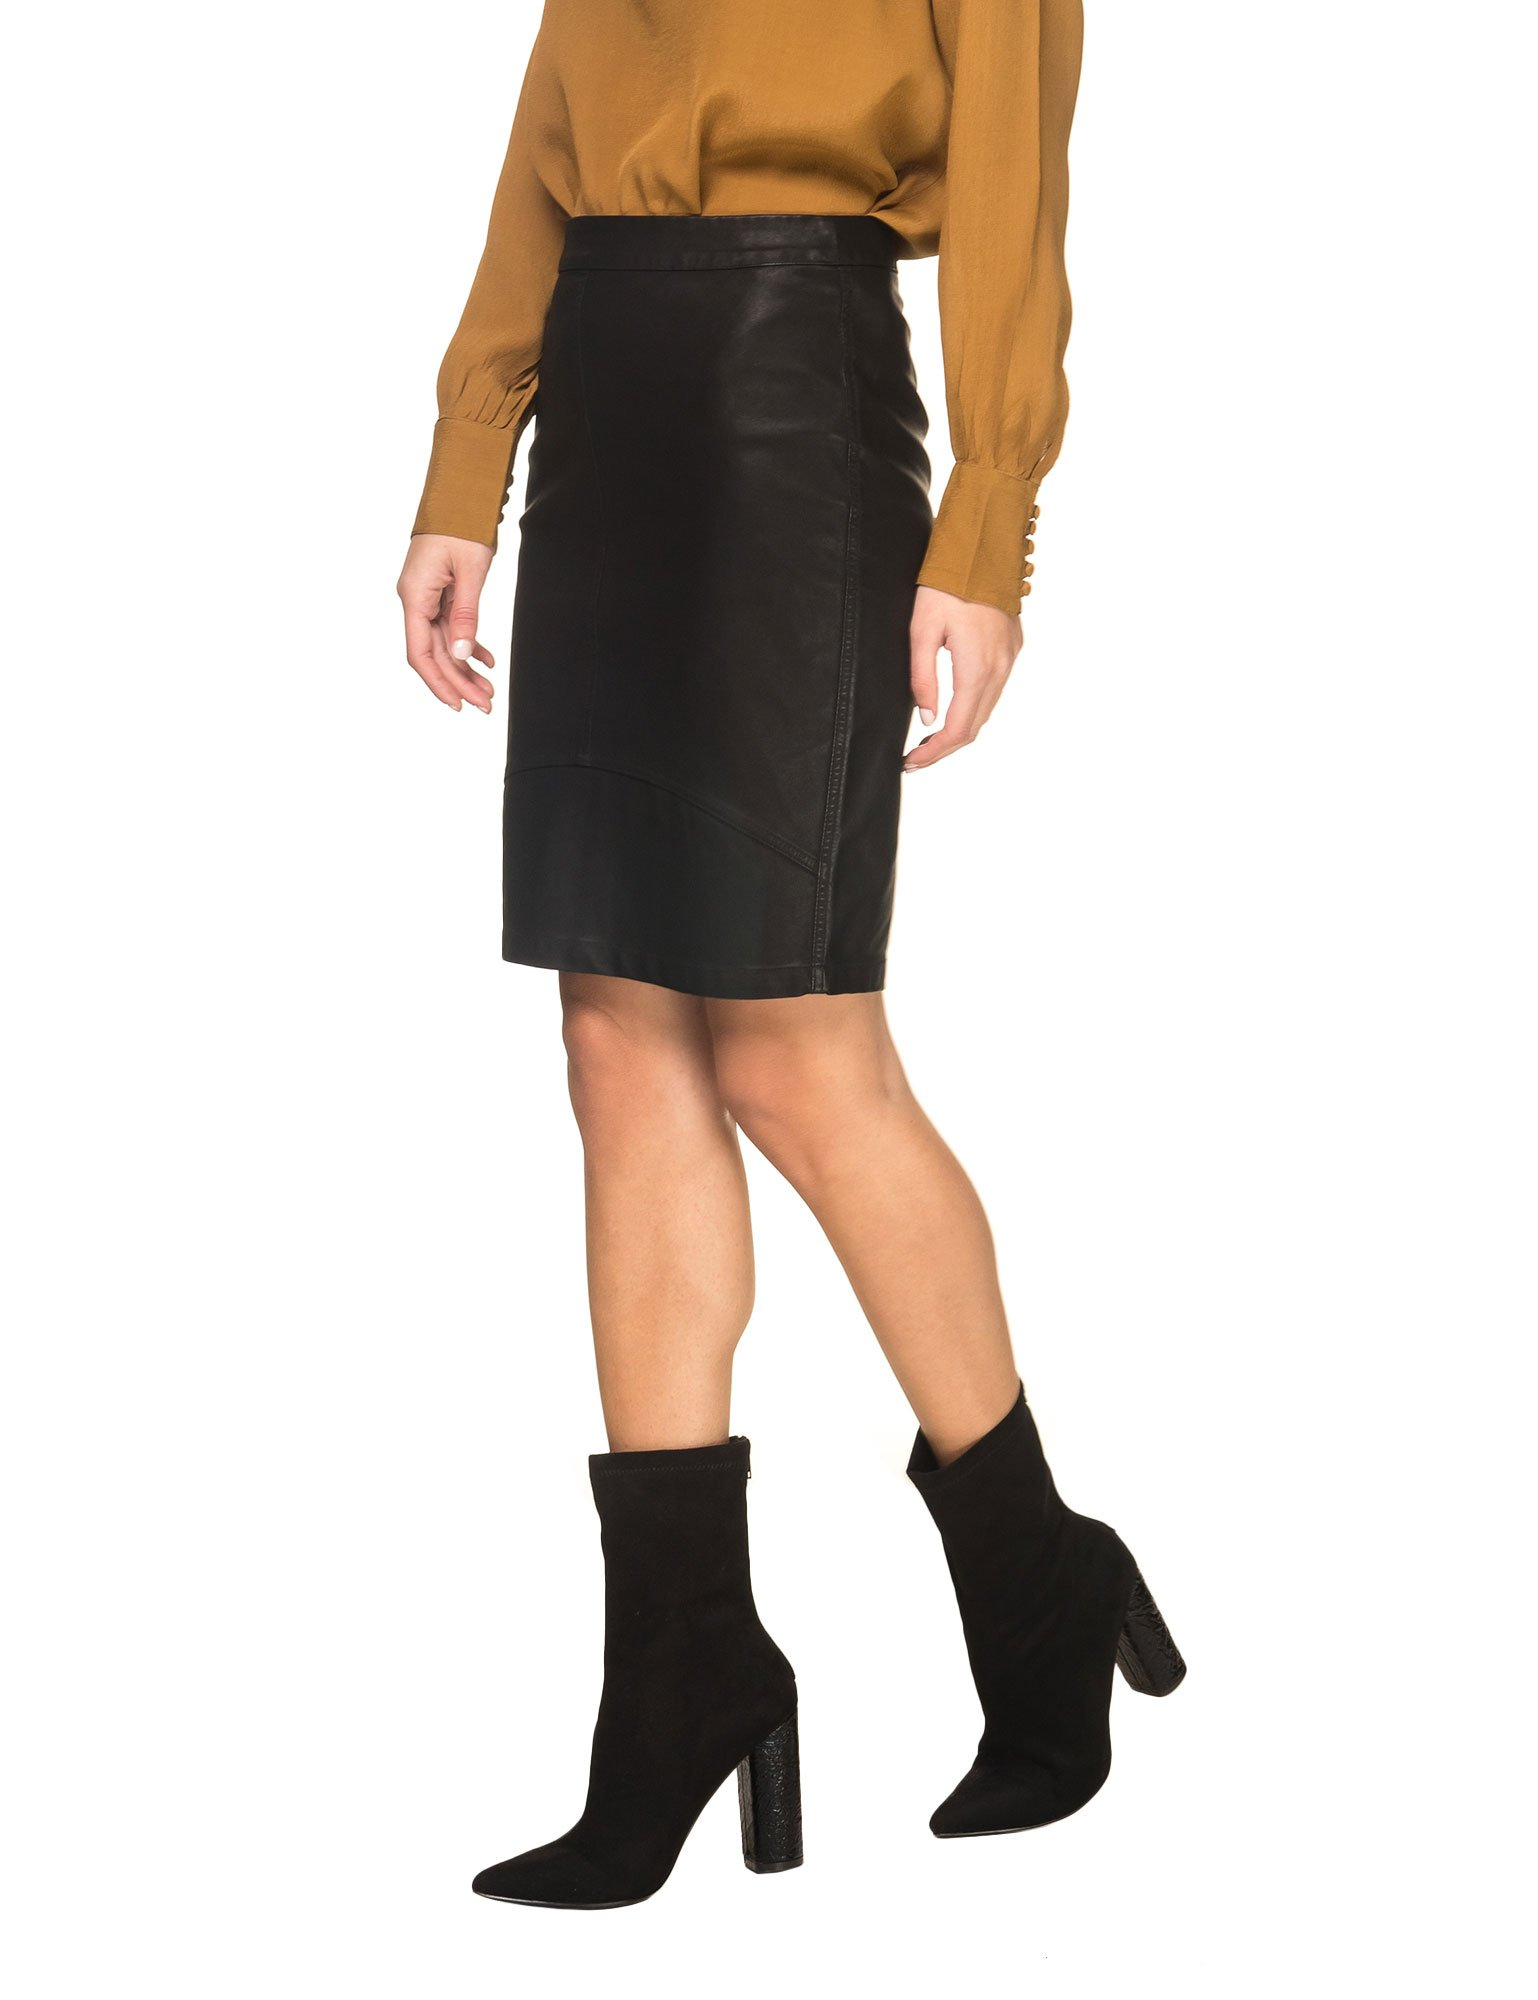 MINIMUM Women's Tilla 0360 Women's Skirt In Black In Size 34-XS Black